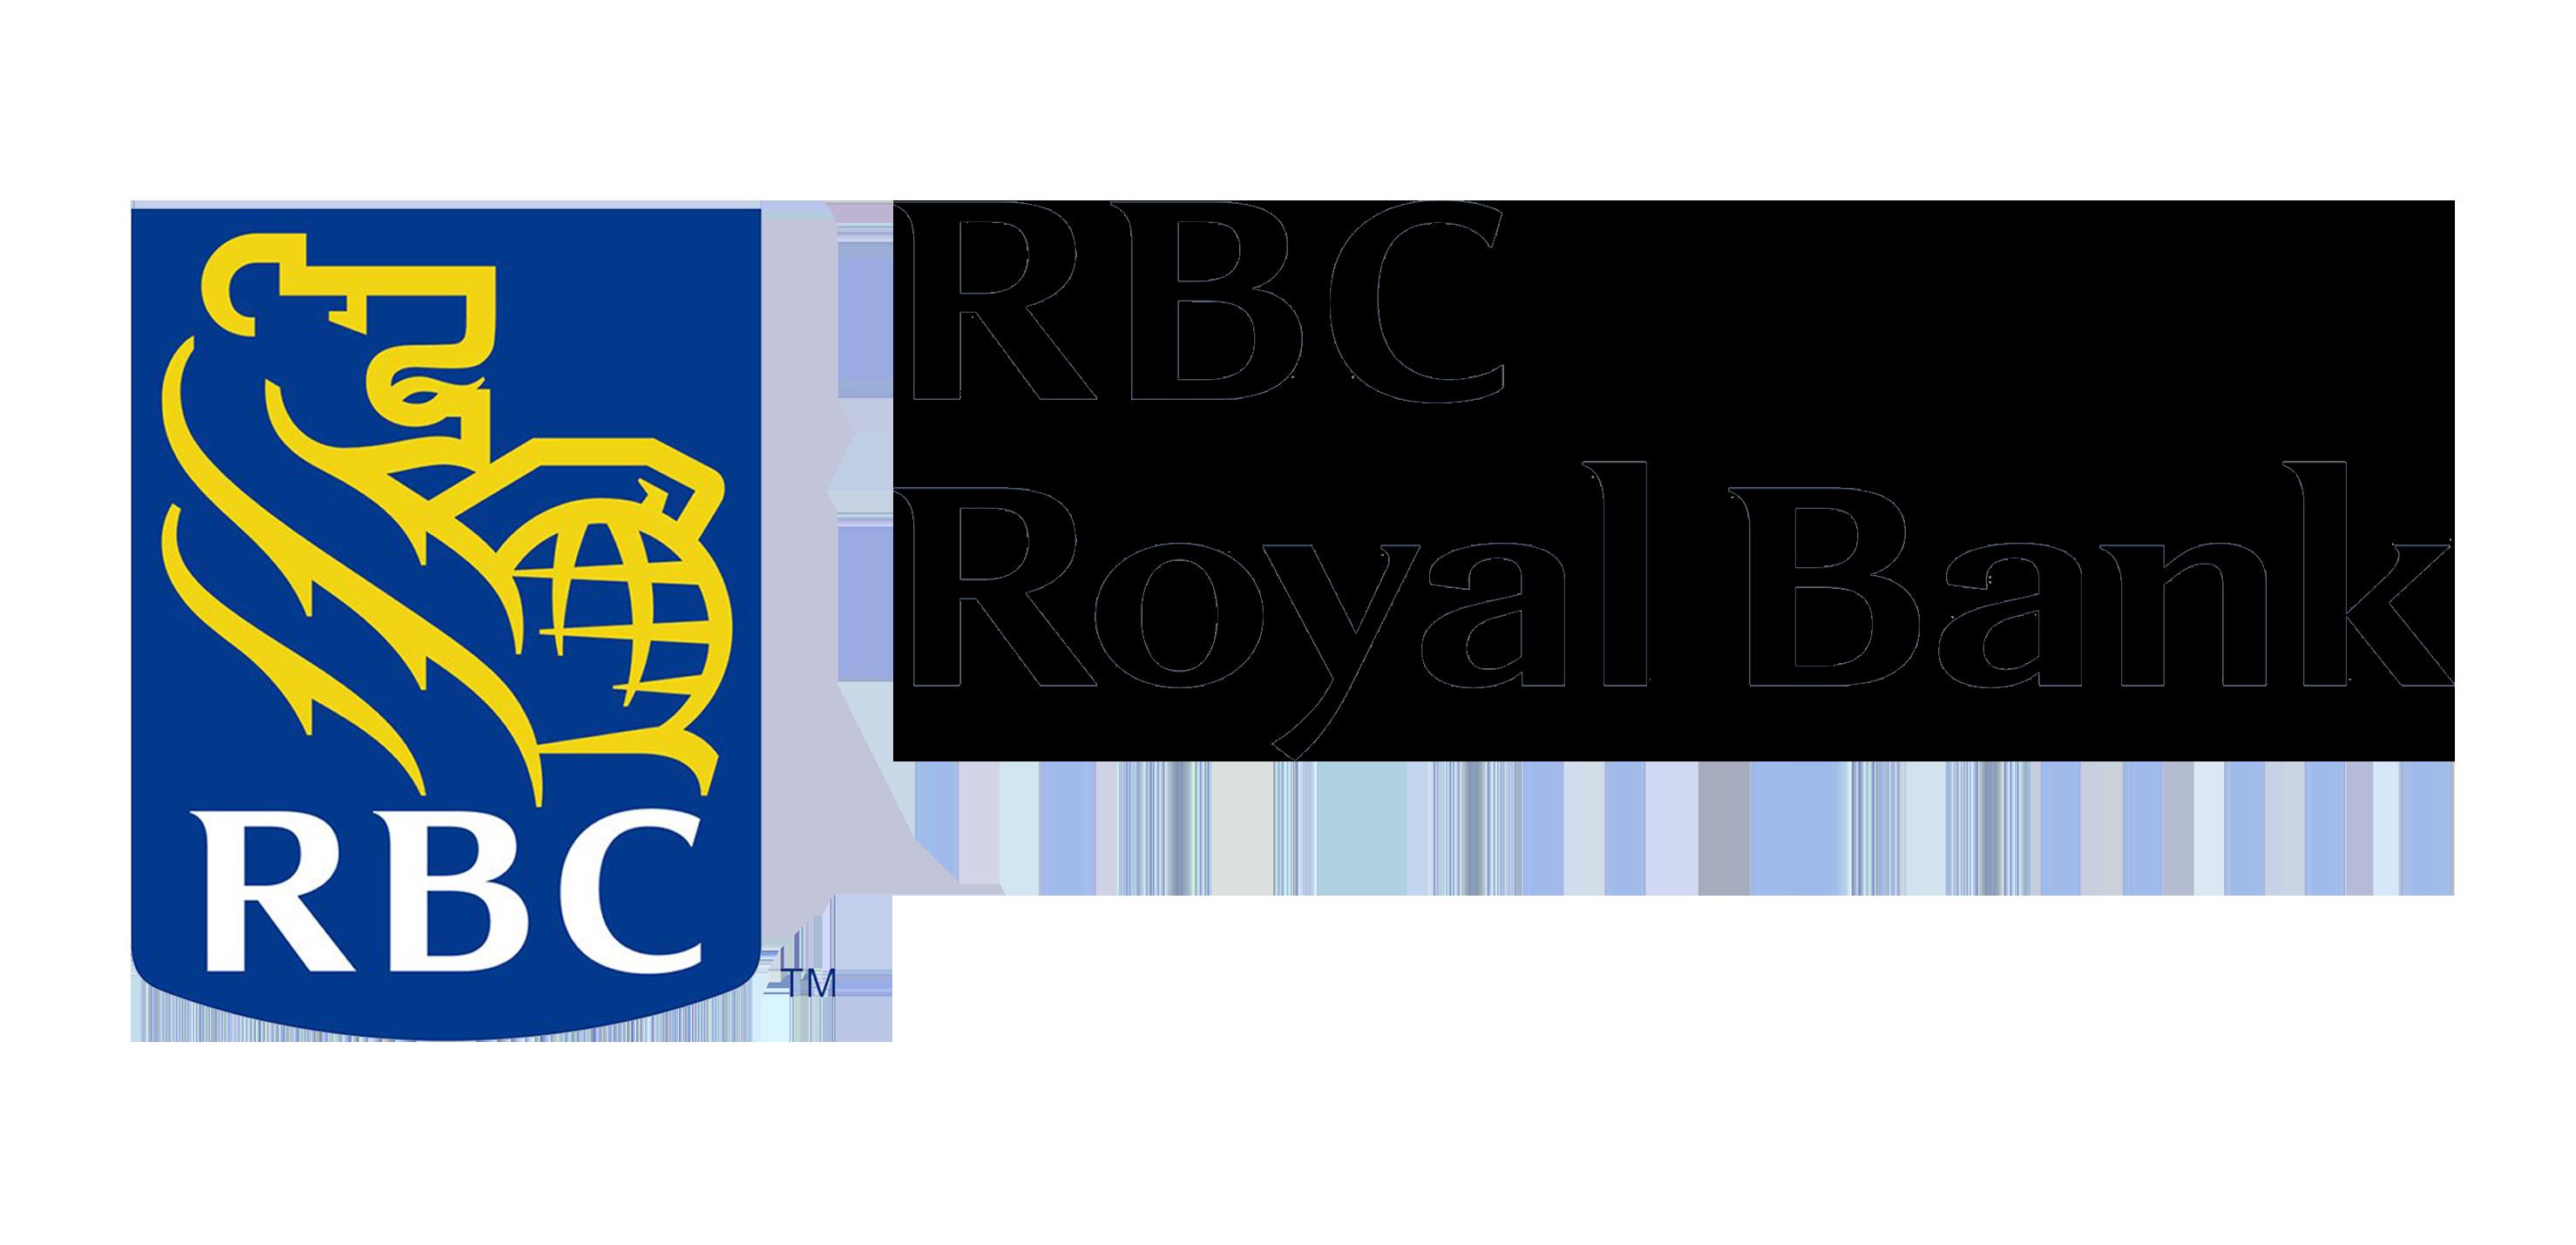 rbc or royal bank of canada logo